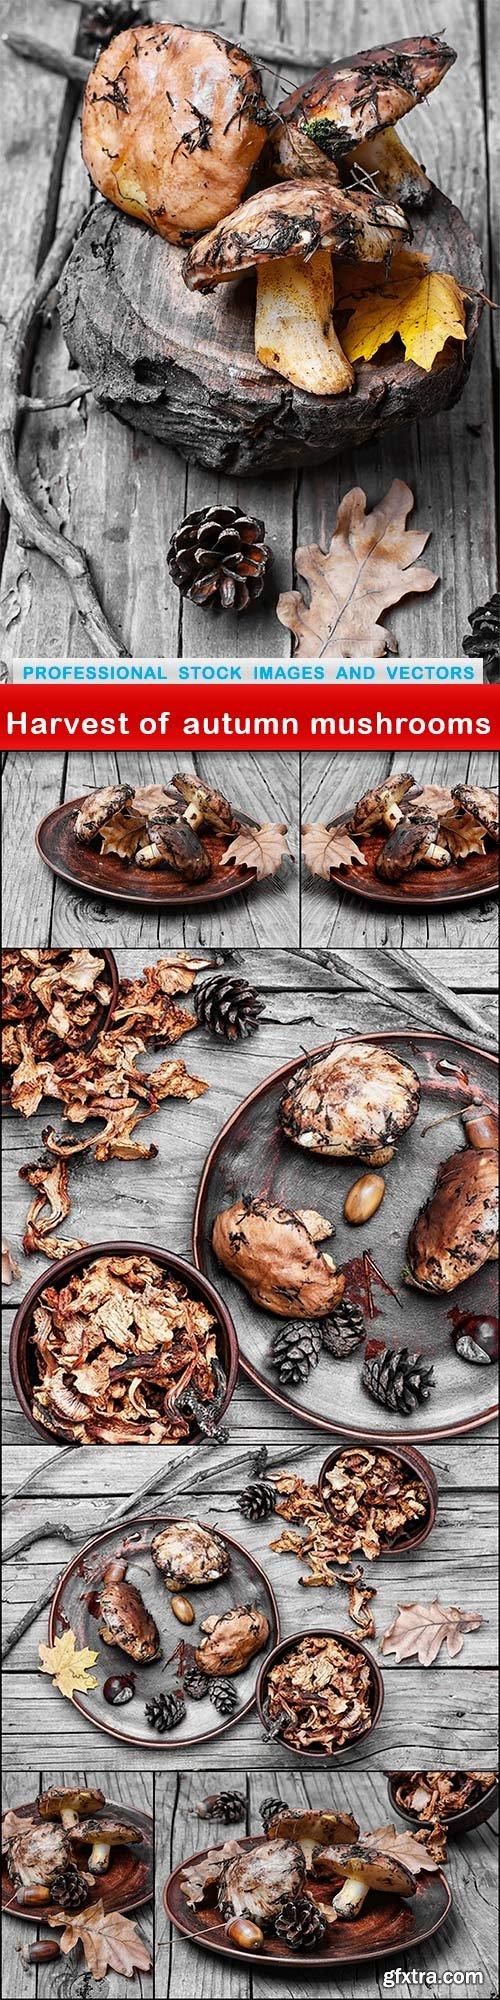 Harvest of autumn mushrooms - 7 UHQ JPEG